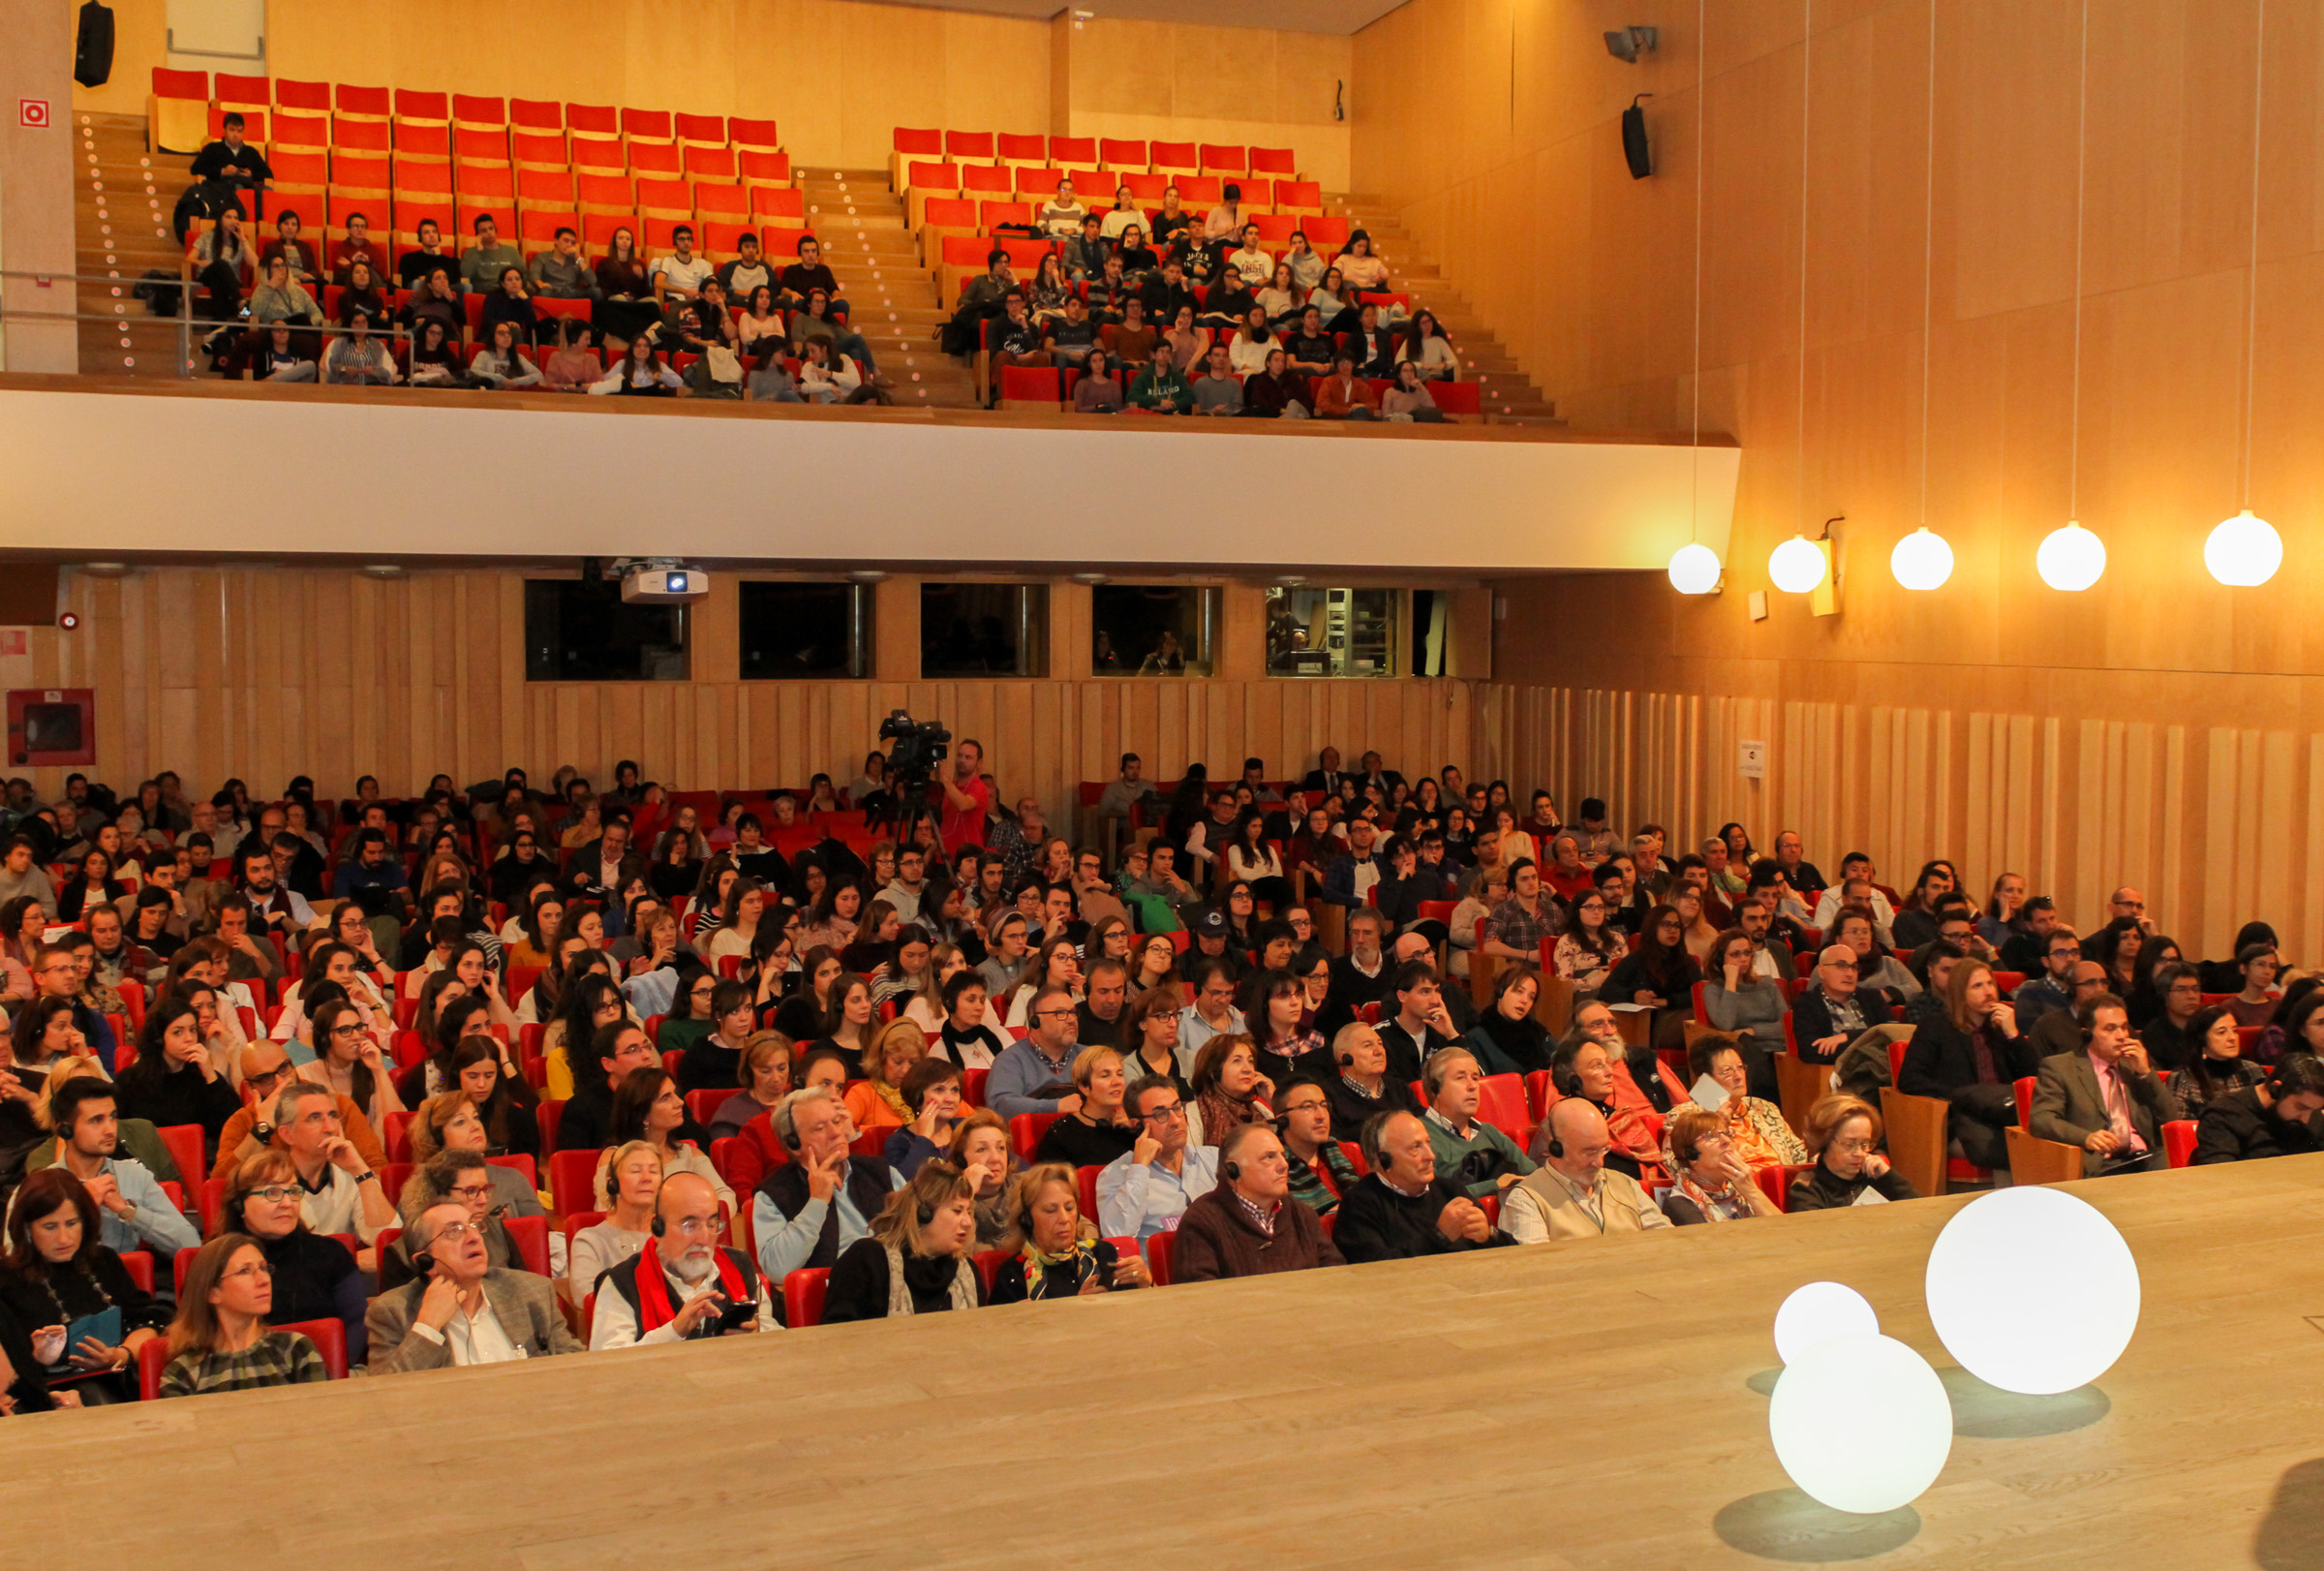 El reconocido científico Aubrey de Grey e Iñaki López (La Sexta Noche) inauguran el ciclo 'Conversaciones en Salamanca: comprendiendo el envejecimiento', en el marco del proyecto europeo CENIE de la Fundación General